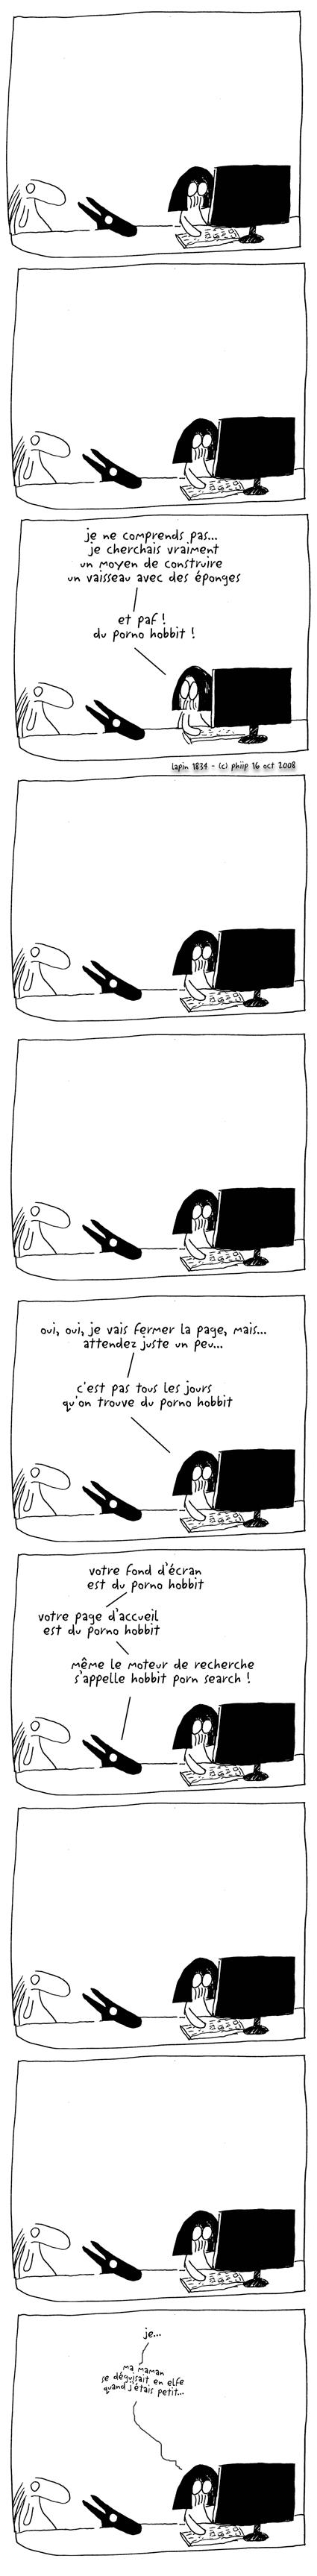 Roi de la colline bande dessinée porno BD